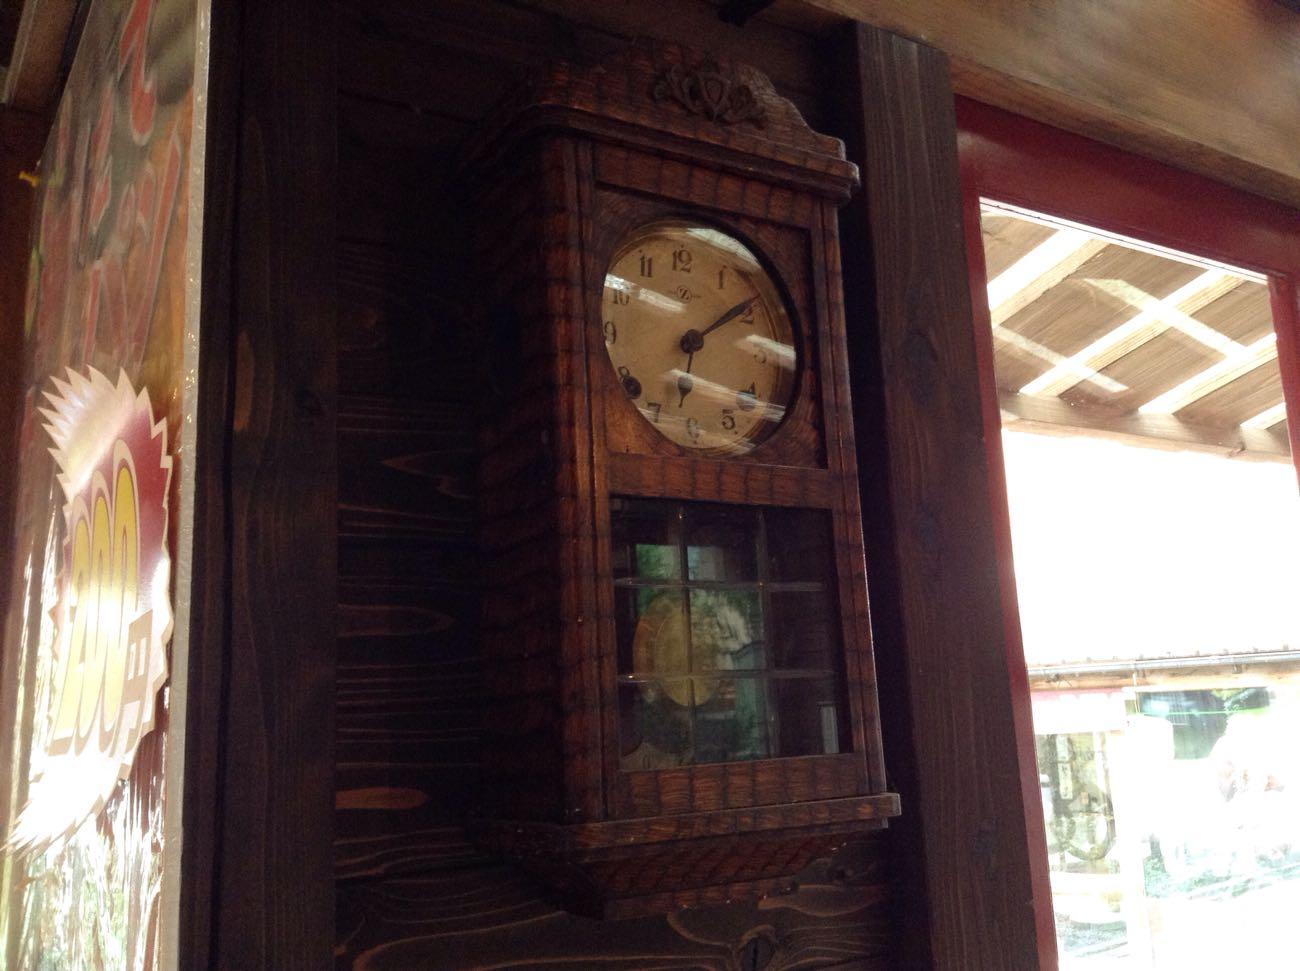 柱時計があります